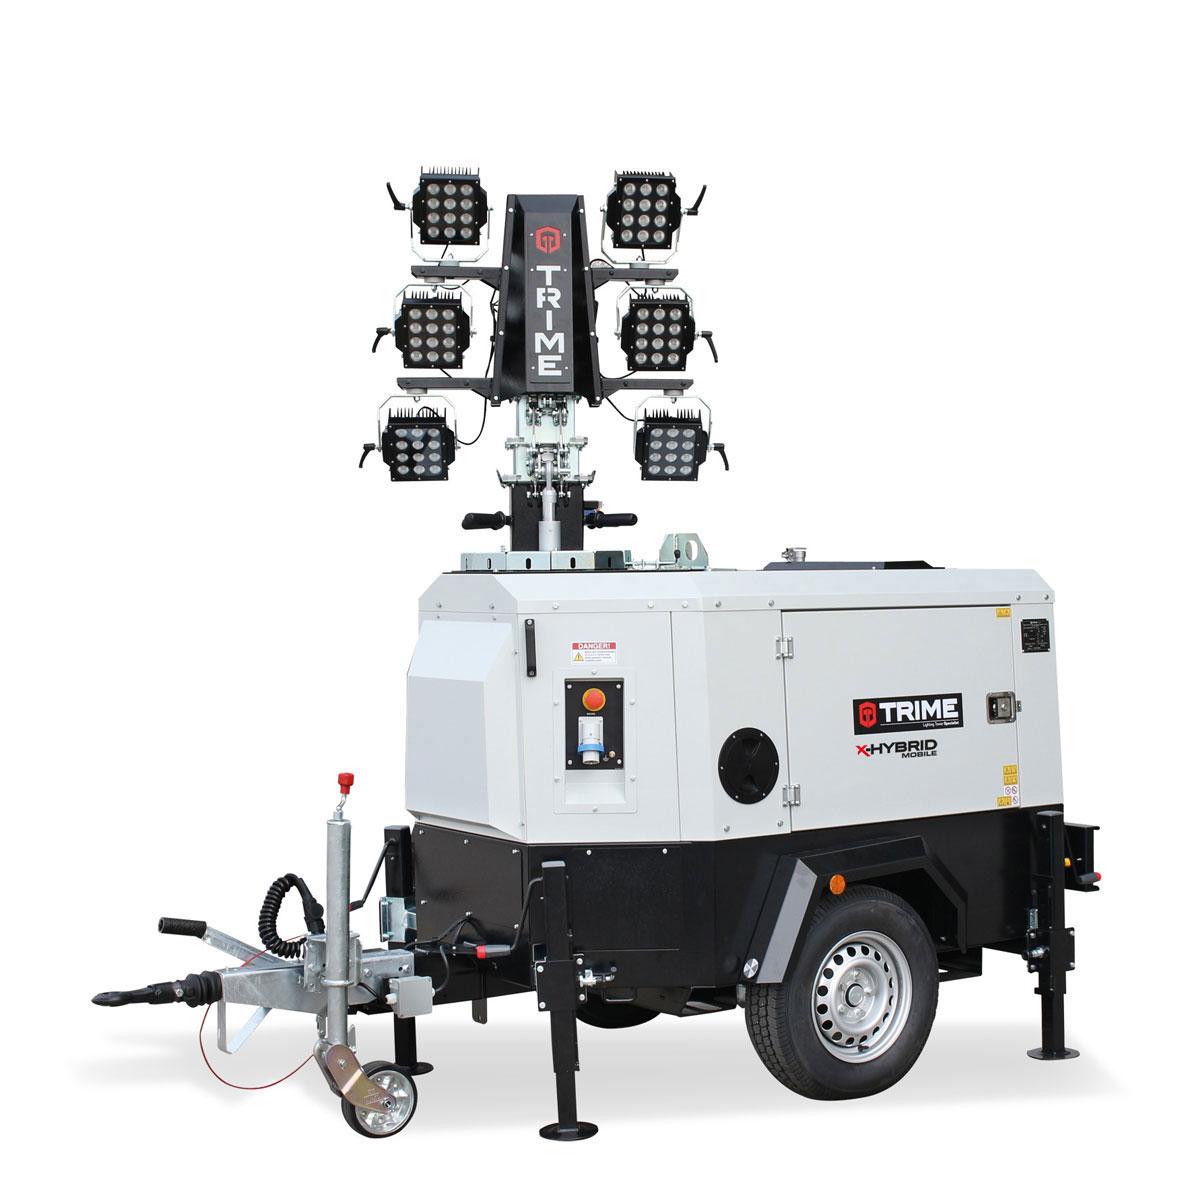 mobilais-prozektoru-masts-led-x-hybrid-6x150W-salikta-pozicija